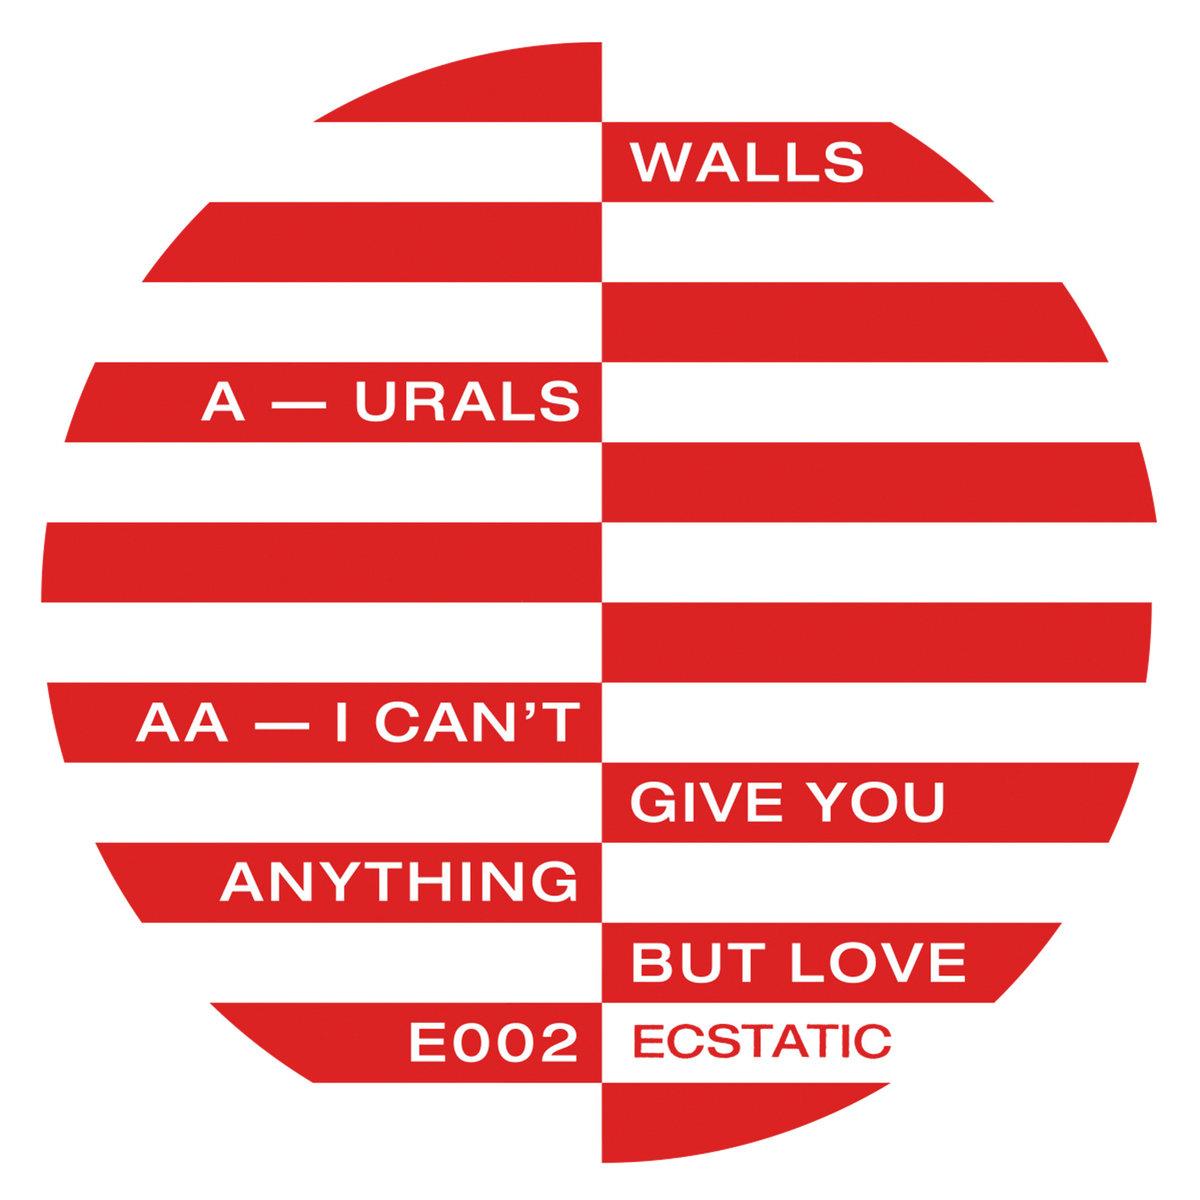 E002 Walls - Urals EP